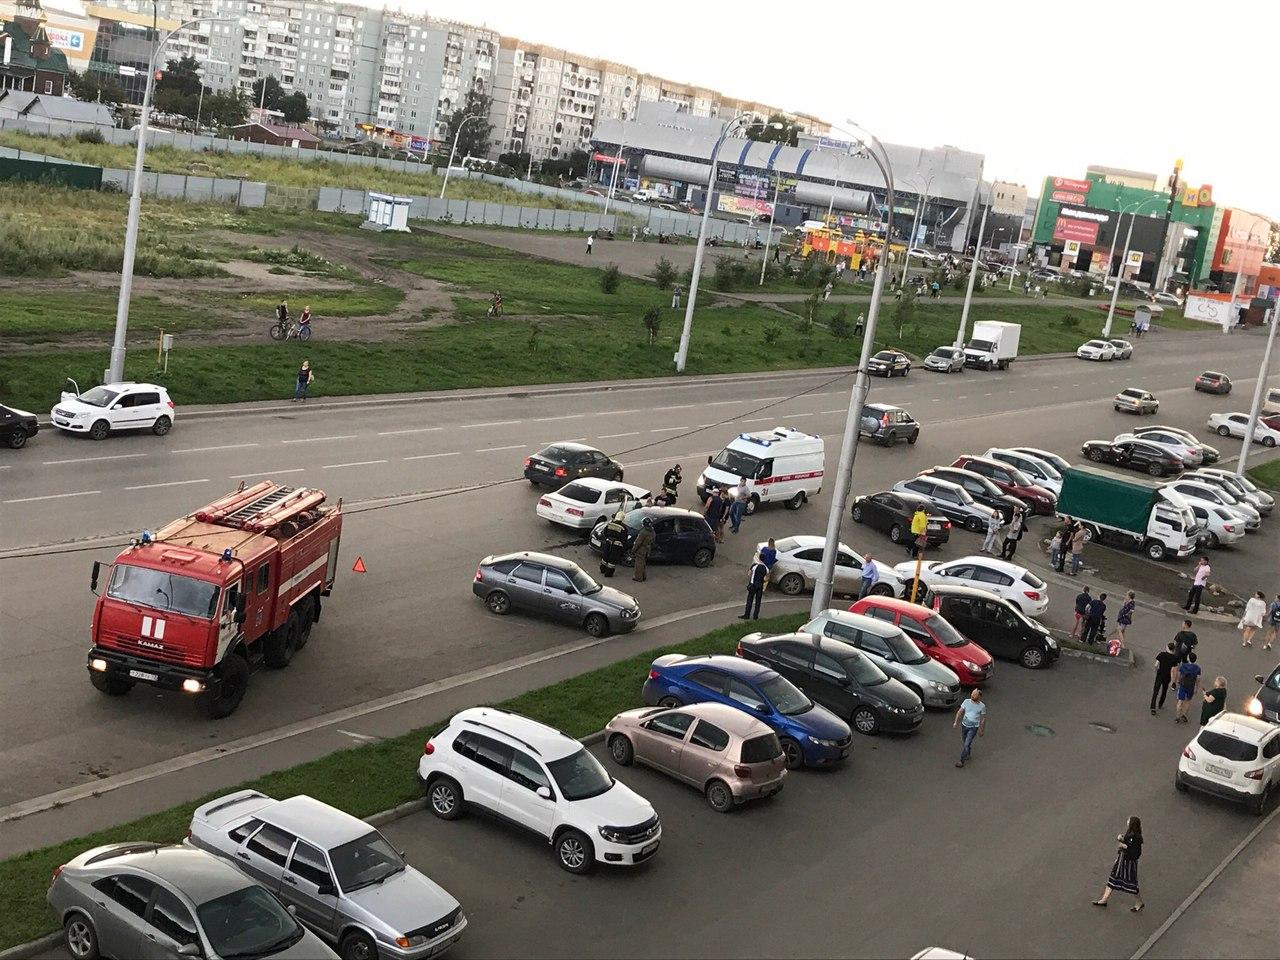 Опубликованы фотографии массового ДТП на Кузбасском проспекте в Кемерове